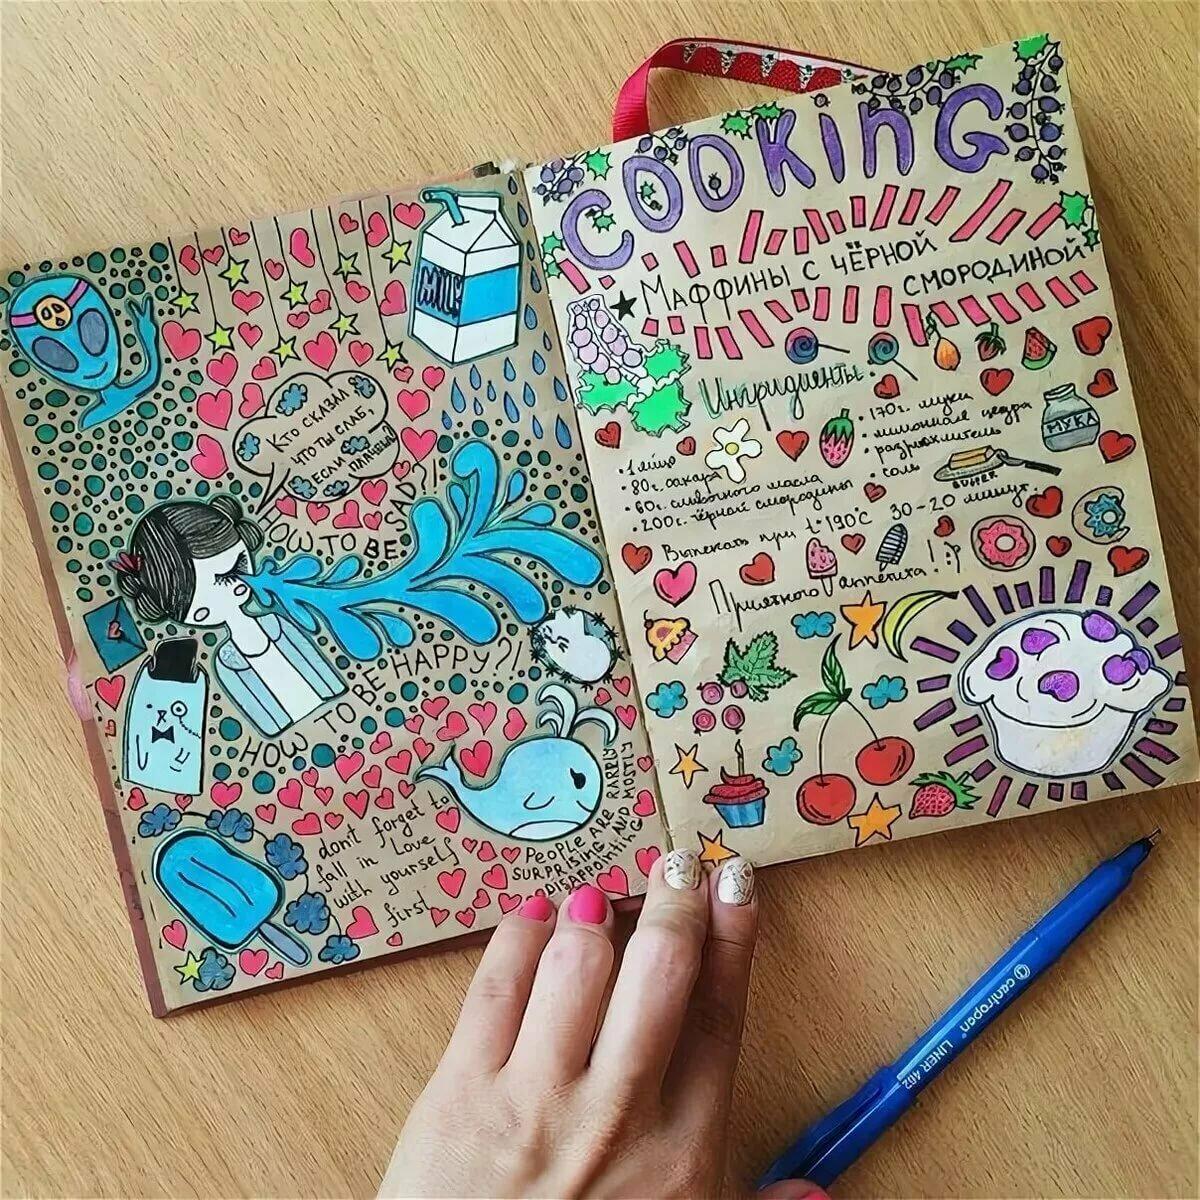 организации картинки для красивого оформления личного дневника сумерки природа